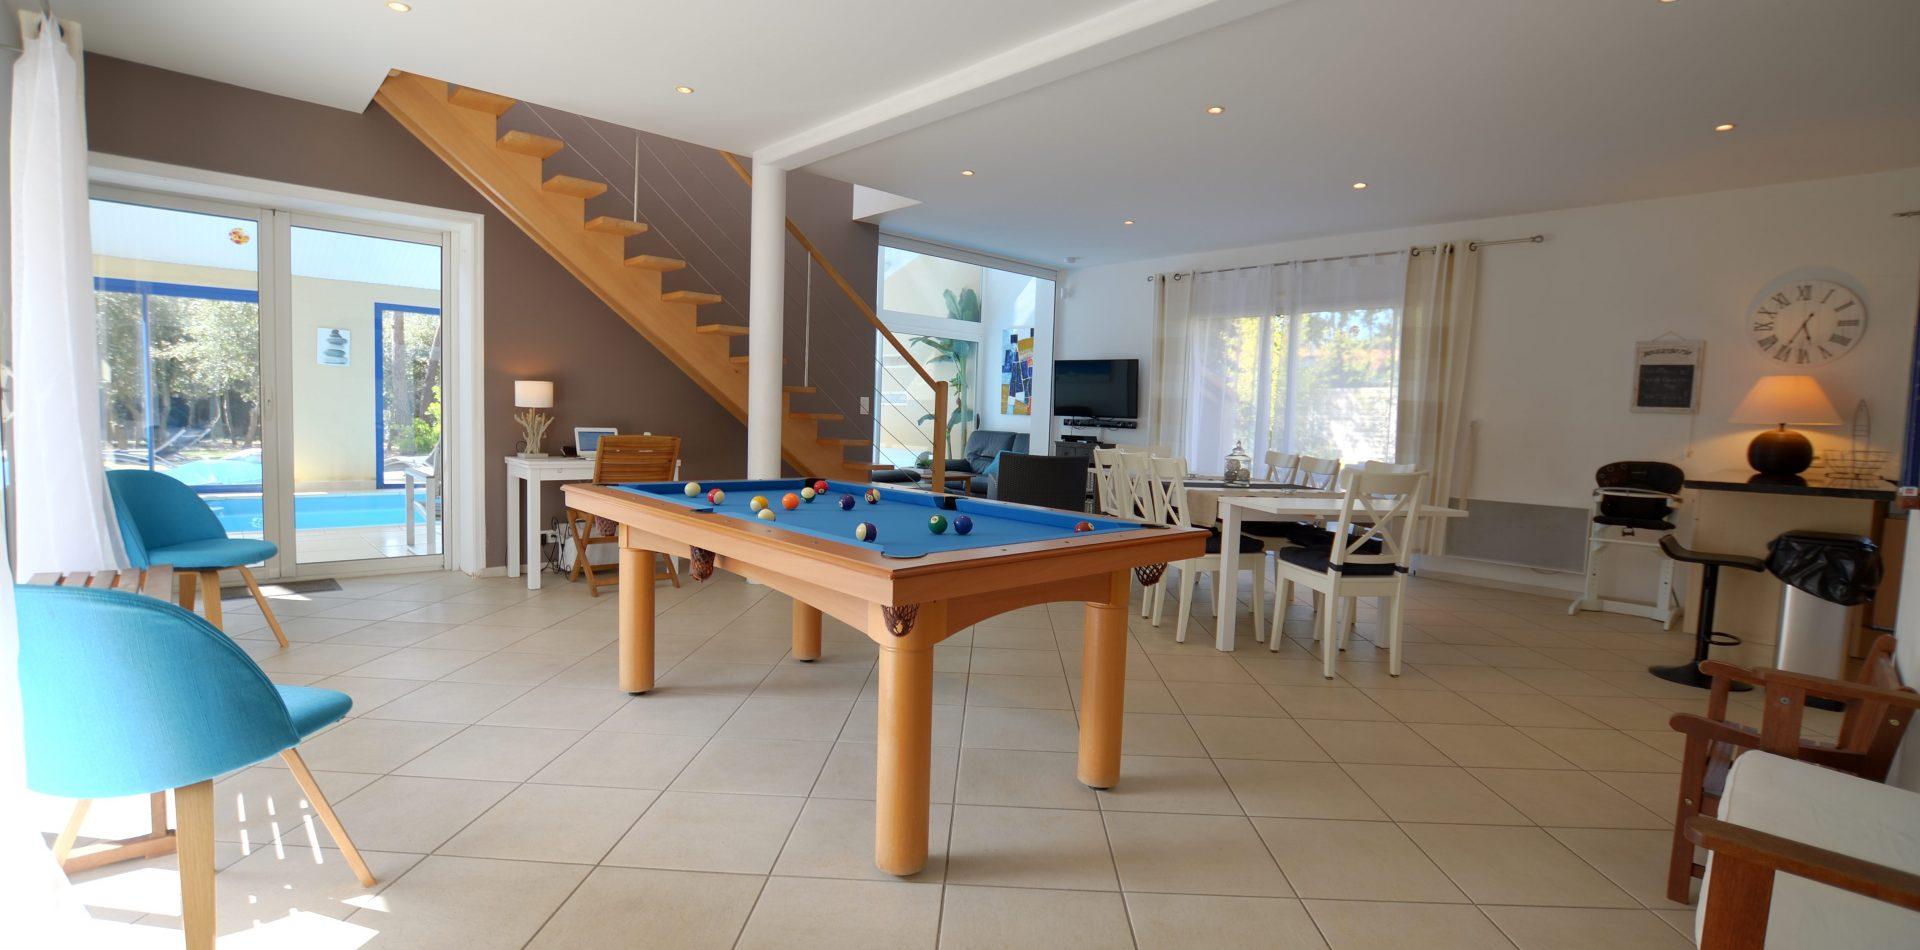 Villa Eden – Maison De Vacances***** En Vendée Avec Piscine ... avec Location Avec Piscine Intérieure Chauffée Privée